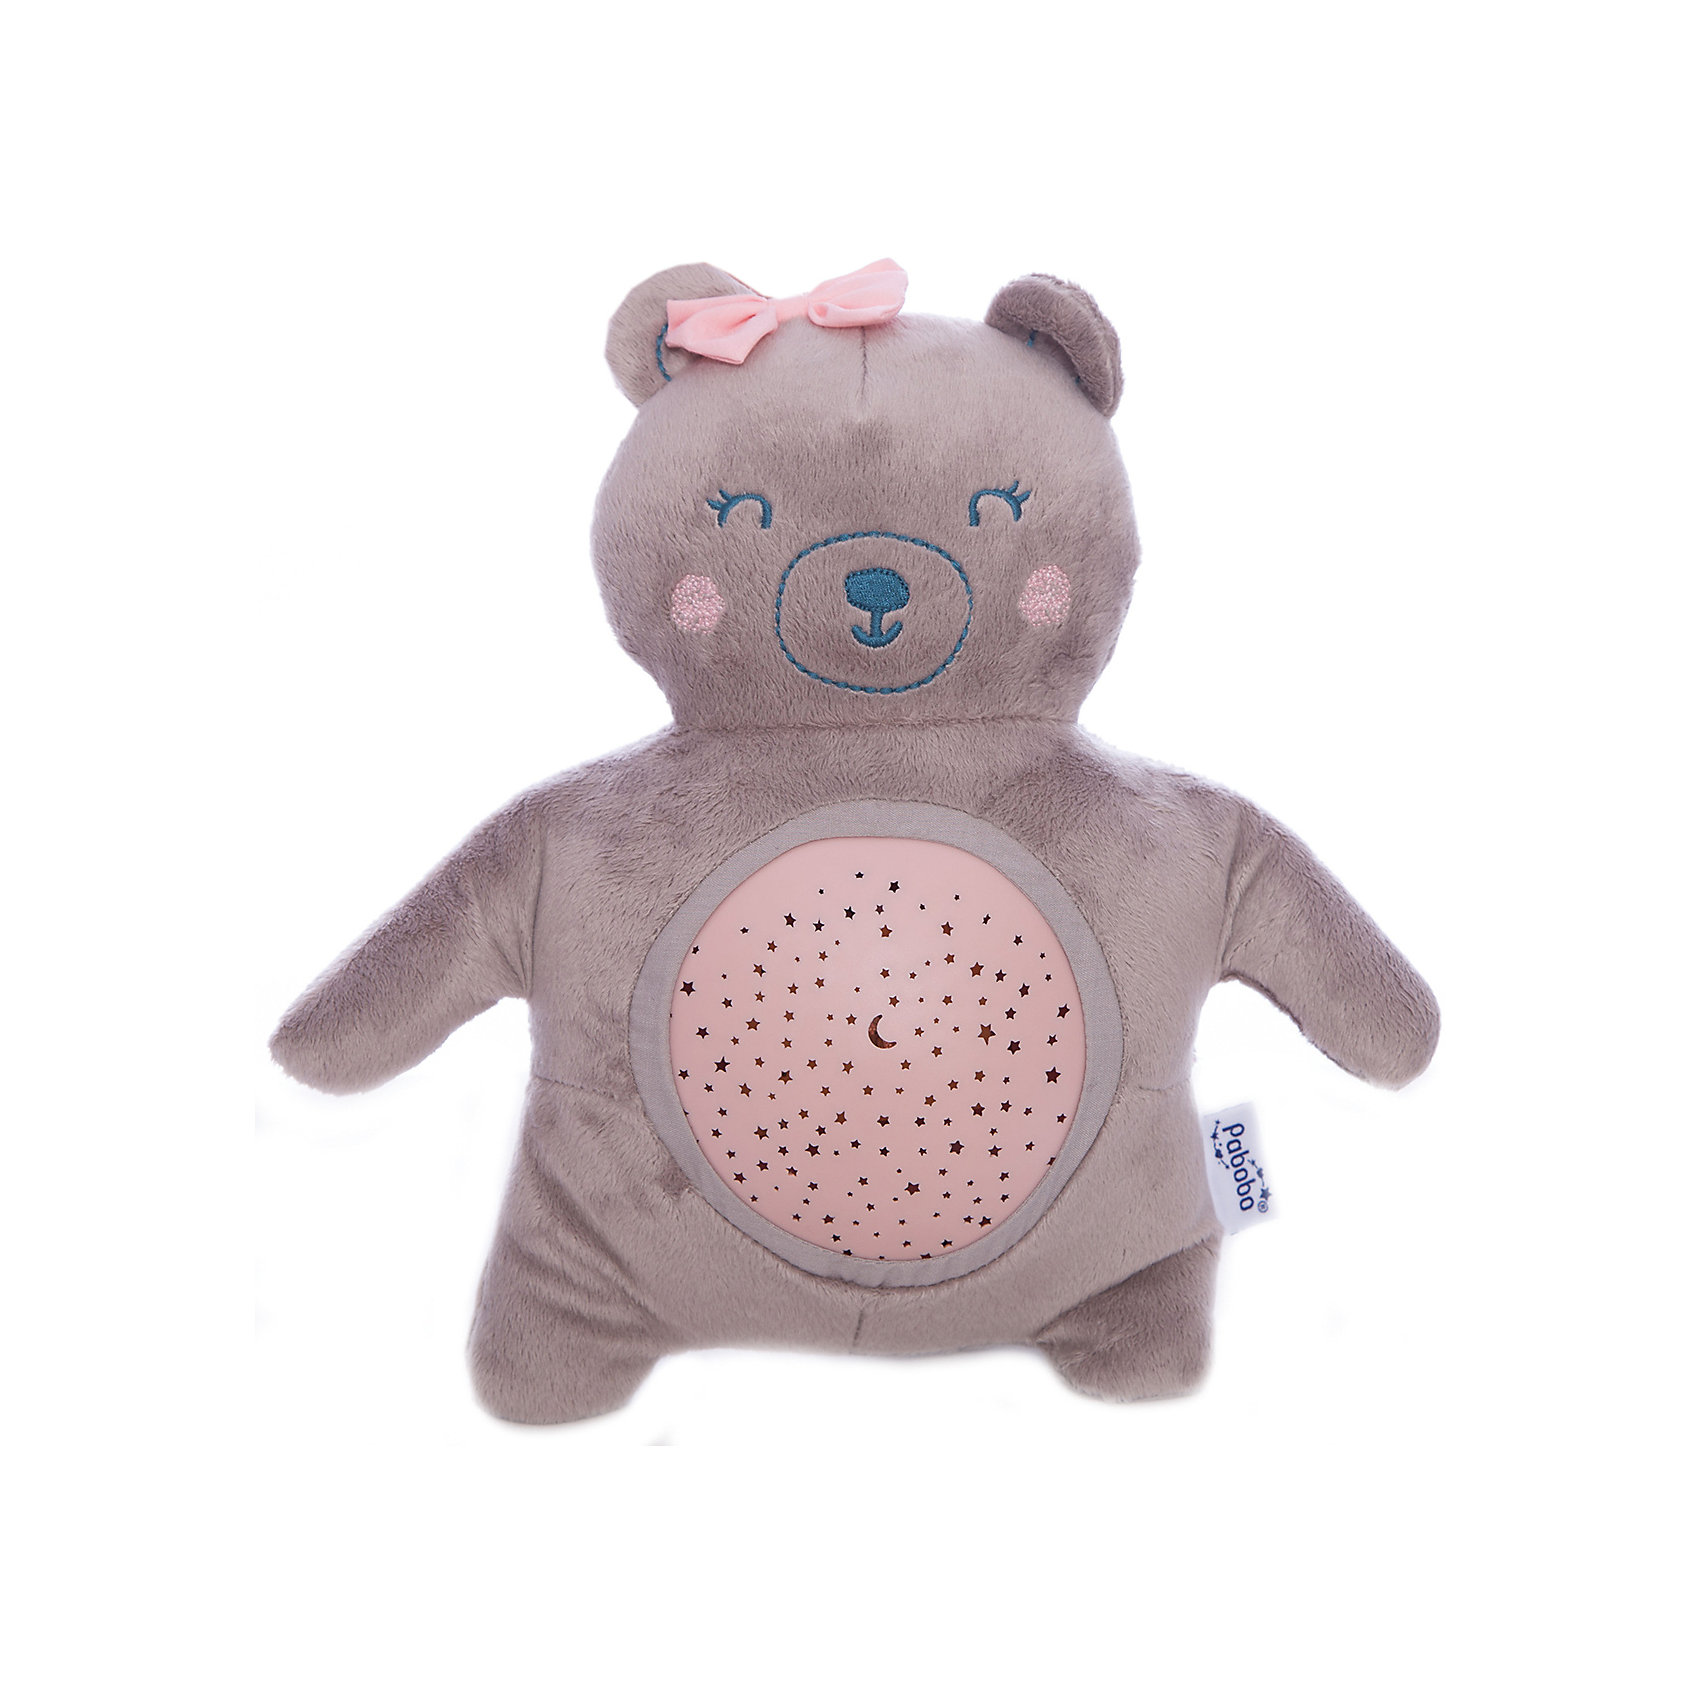 6196 (PSP01-TEDDYGIRL)Ночники и проекторы<br>Характеристики:<br><br>• Пол: для девочки<br>• Форма светильника: медвежонок<br>• Цвет: серый, розовый<br>• Материал: пластик, текстиль<br>• Мягкий рассеянный свет<br>• Во время работы не нагревается<br>• 15 минут звучания музыки<br>• 22 минуты непрерывной проекции звездного неба<br>• Функция адаптации к уровню естественного освещения<br>• Съемный проектор<br>• Батарейки: 3 шт. типа AA/LR6 ( в комплекте не предусмотрены)<br>• Способ зарядки: USB кабель<br>• Размеры: 32*10,5*18 см<br>• Вес: 200 г <br>• Особенности ухода: допускается сухая и влажная чистка<br><br>Ночник Медвежонок от французского торгового бренда, который занимается производством детских светильников и проекторов. При изготовлении используются качественные и безопасные материалы, которые характеризуются длительным сроком службы. Пластик, из которого изготовлен ночник, устойчив к повреждениям и появлению царапин, не имеет запаха. <br><br>Светильник оснащен светодиодными лампами, которые не нужно менять. Степень яркости автоматически регулируется в зависимости от естественного освещения. У него компактный размер и легкий вес. У светильника предусмотрен режим проекции звездного неба и режим проигрывания музыки. Предусмотрена функция автоматического включения-выключения. Ночника оснащен функция смены цвета освещения. Выполнен в виде плюшевого мишки со съемным проектором, что делает его не только практичным предметом, но и любимой детской игрушкой.<br><br>Ночник Медвежонок можно купить в нашем интернет-магазине.<br><br>Ширина мм: 180<br>Глубина мм: 105<br>Высота мм: 320<br>Вес г: 250<br>Возраст от месяцев: 0<br>Возраст до месяцев: 312<br>Пол: Женский<br>Возраст: Детский<br>SKU: 5482461